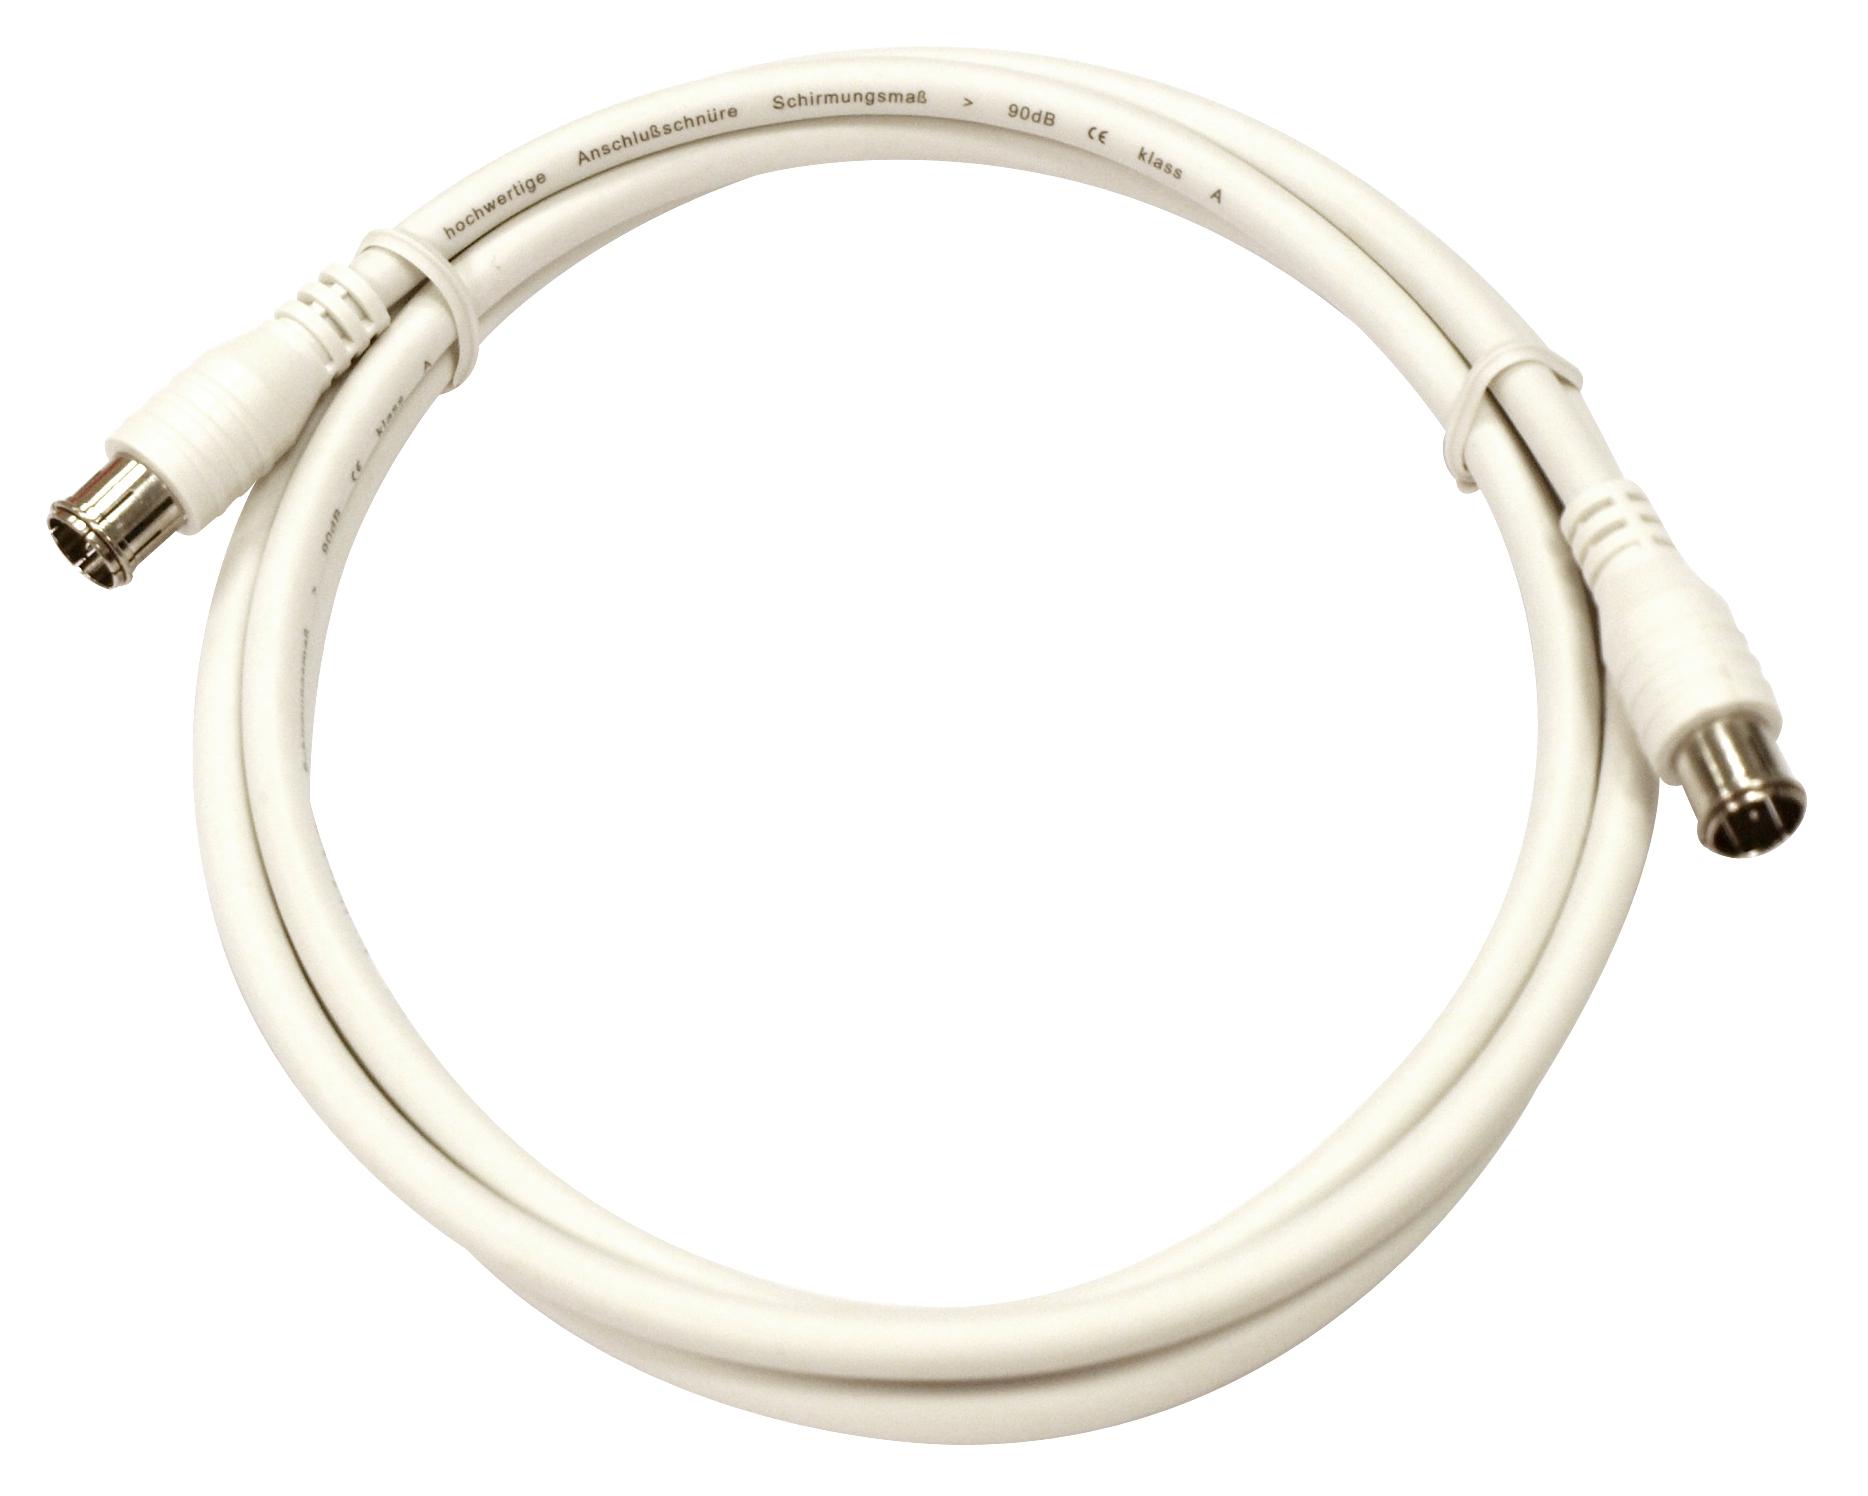 1 Stk Koax Patchkabel, 2xF-Quick gerade, >90dB, ClassA, weiß, 2,5m HS4HC02K5-